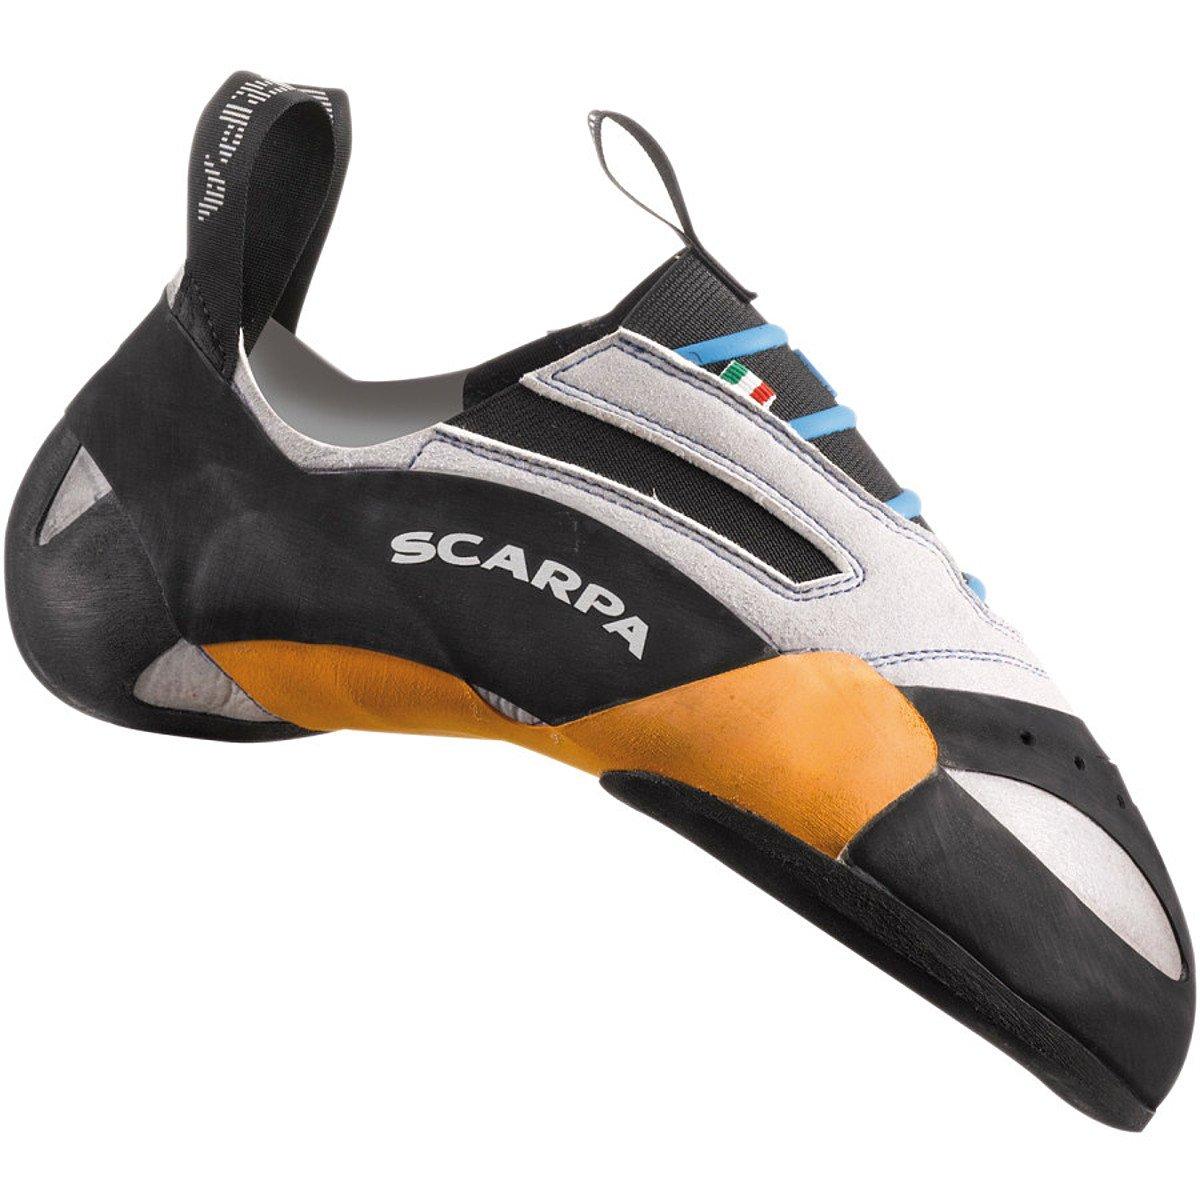 Scarpa Men's Stix Climbing Shoe,Silver,42 EU/9 M US